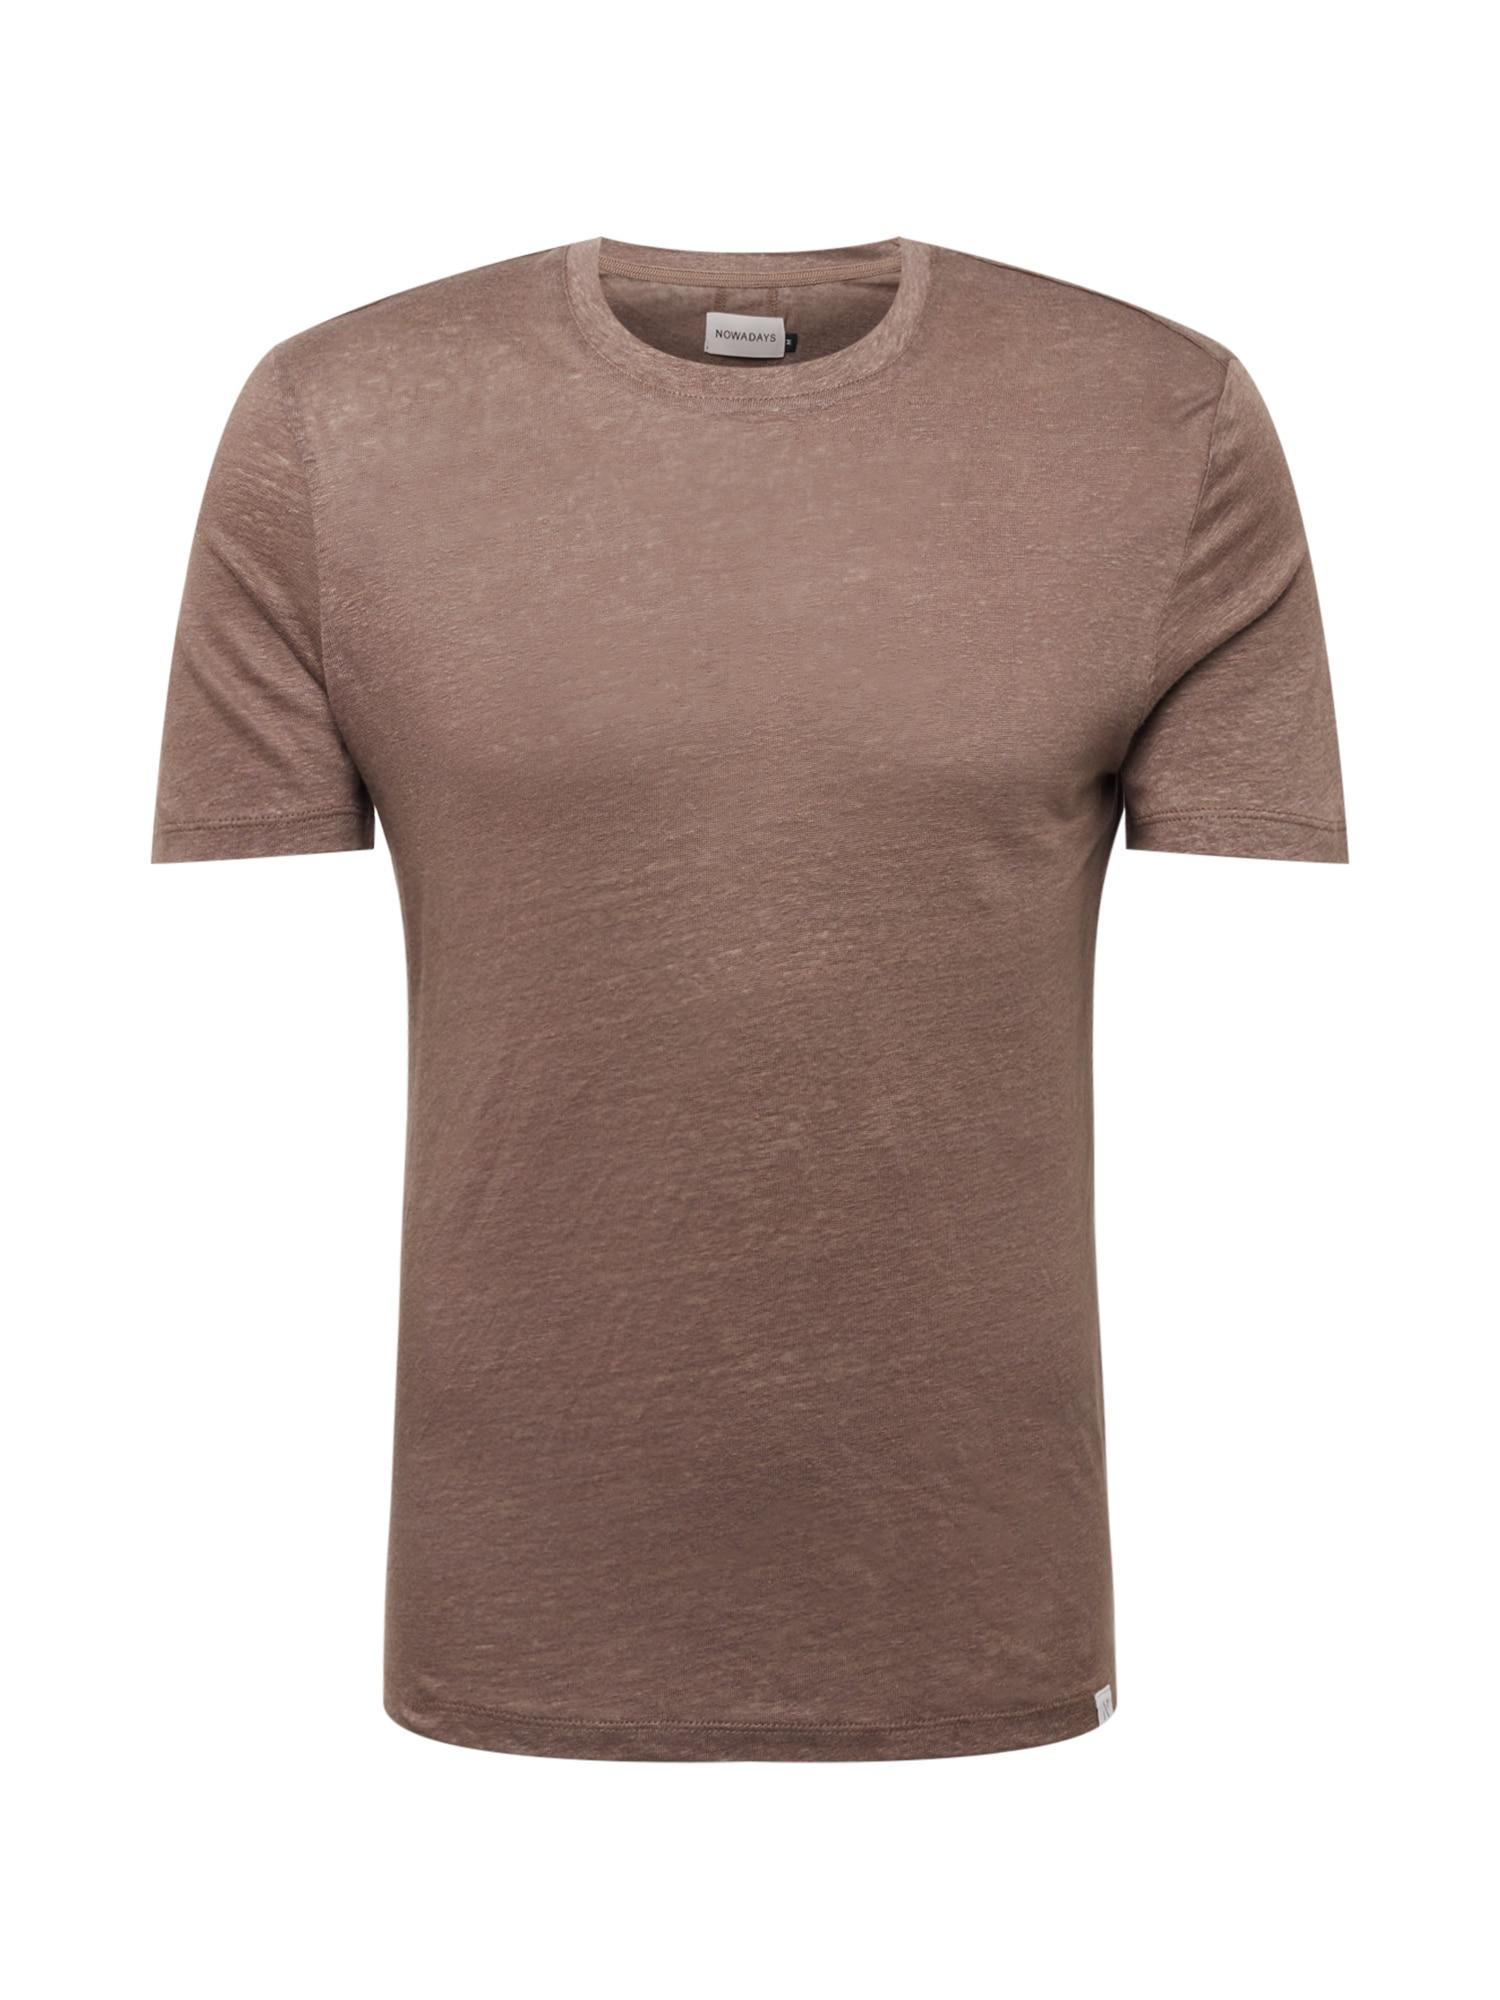 NOWADAYS Marškinėliai mokos spalva